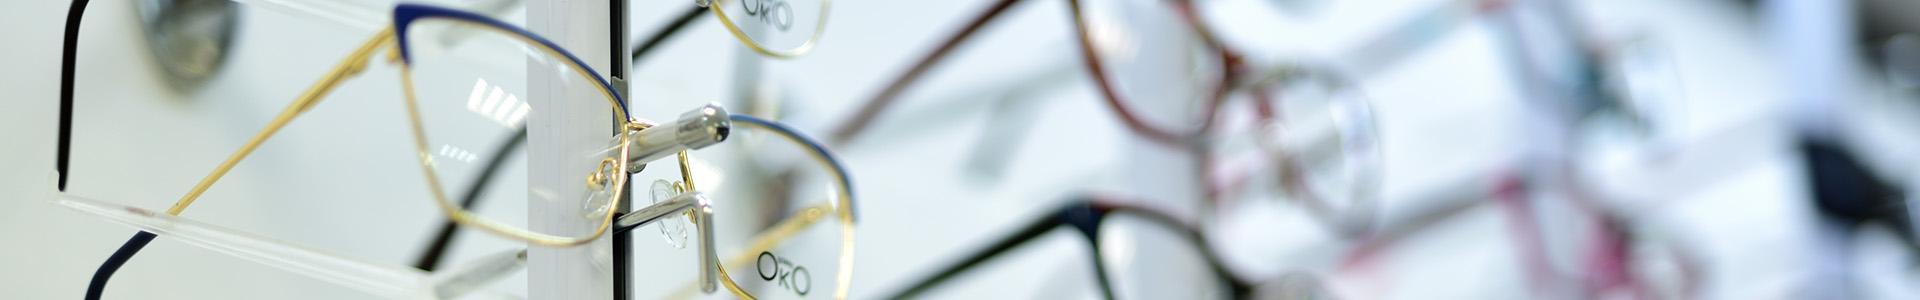 okulary korekcyjne z żółtą oprawką